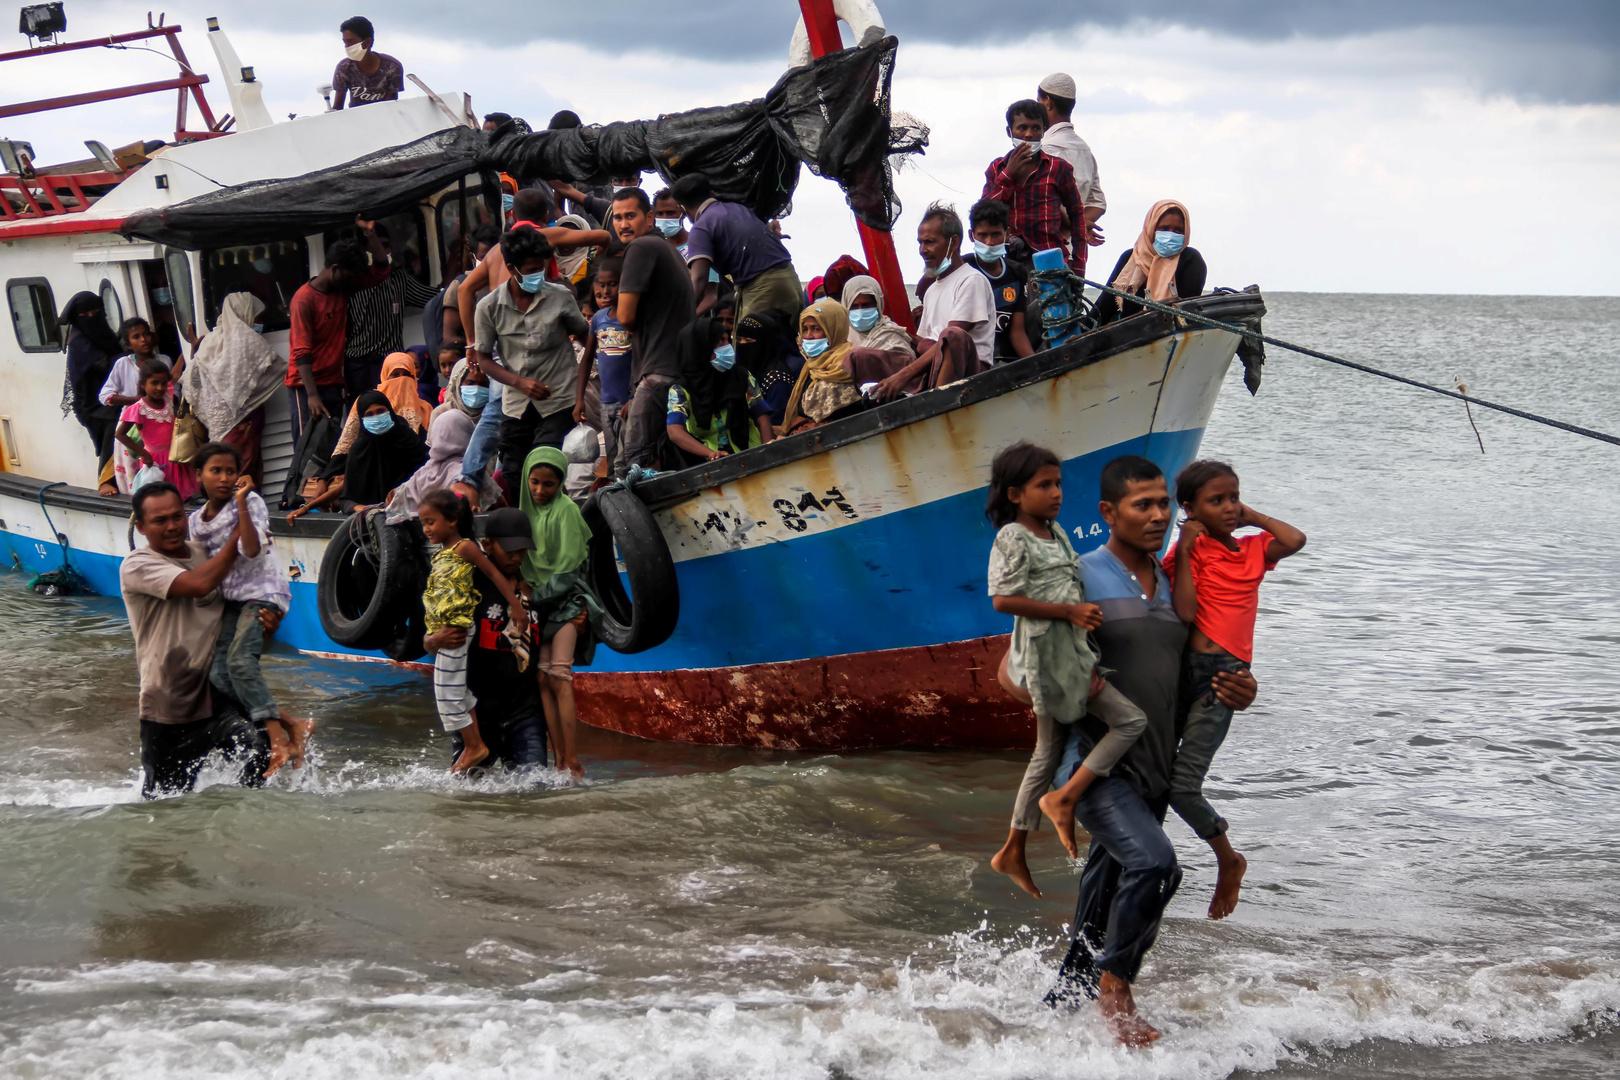 قارب يحمل لاجئين من الروهينغا، تعبيرية